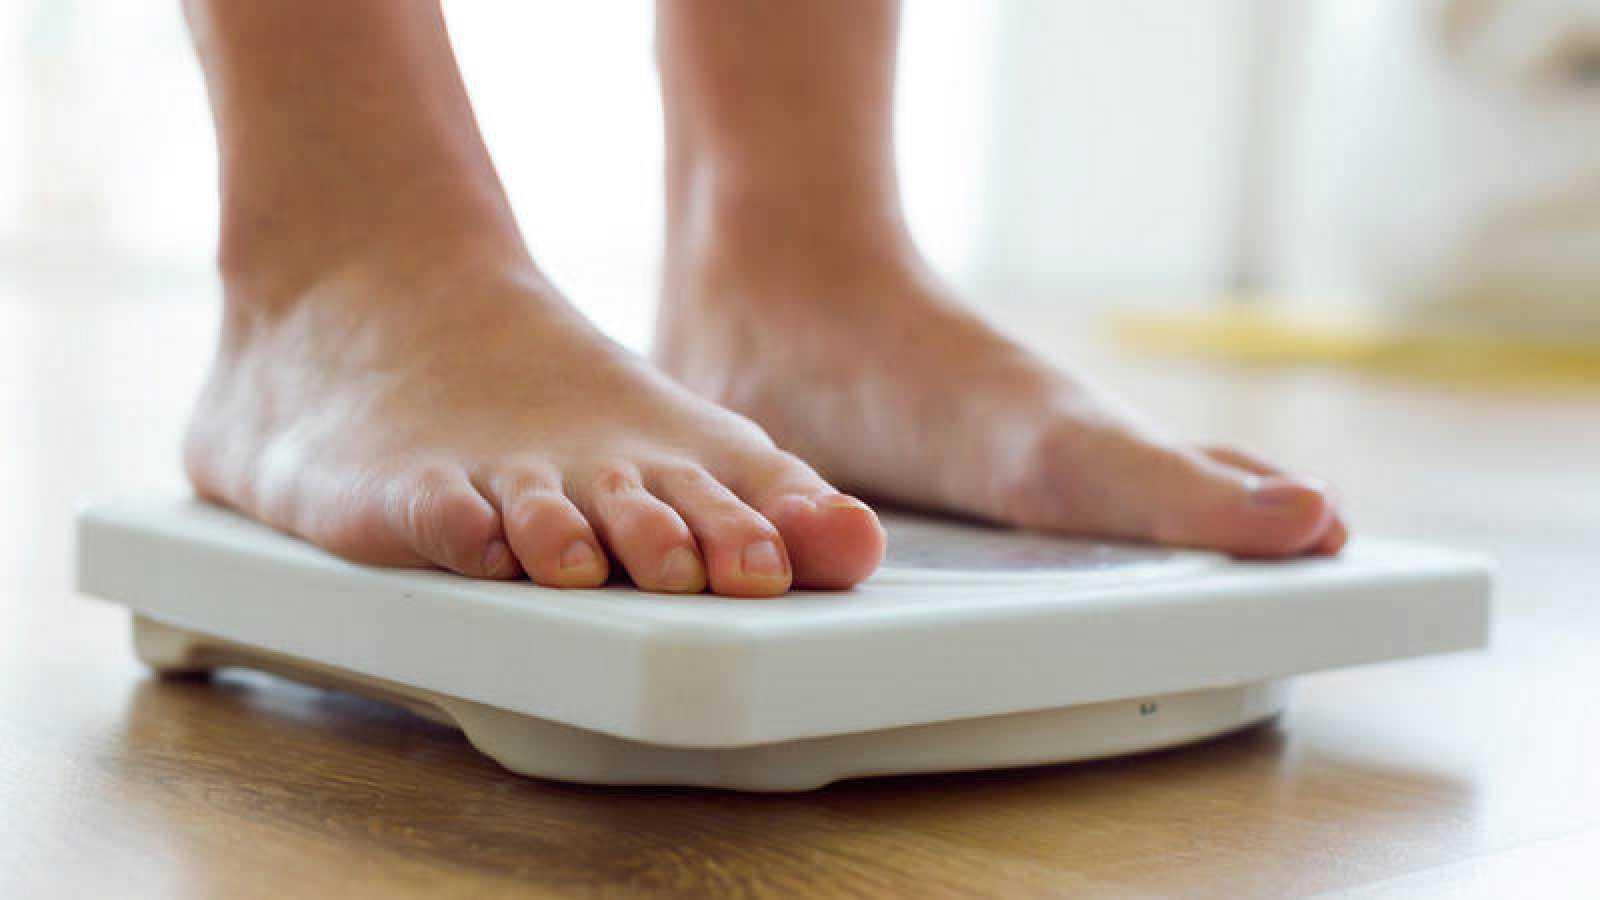 """Las personas que poseen un perfil genético asociado al aumento de peso corporal (gen FTO) """"responden del mismo modo a la dieta, al ejercicio y a los fármacos para perder peso""""."""